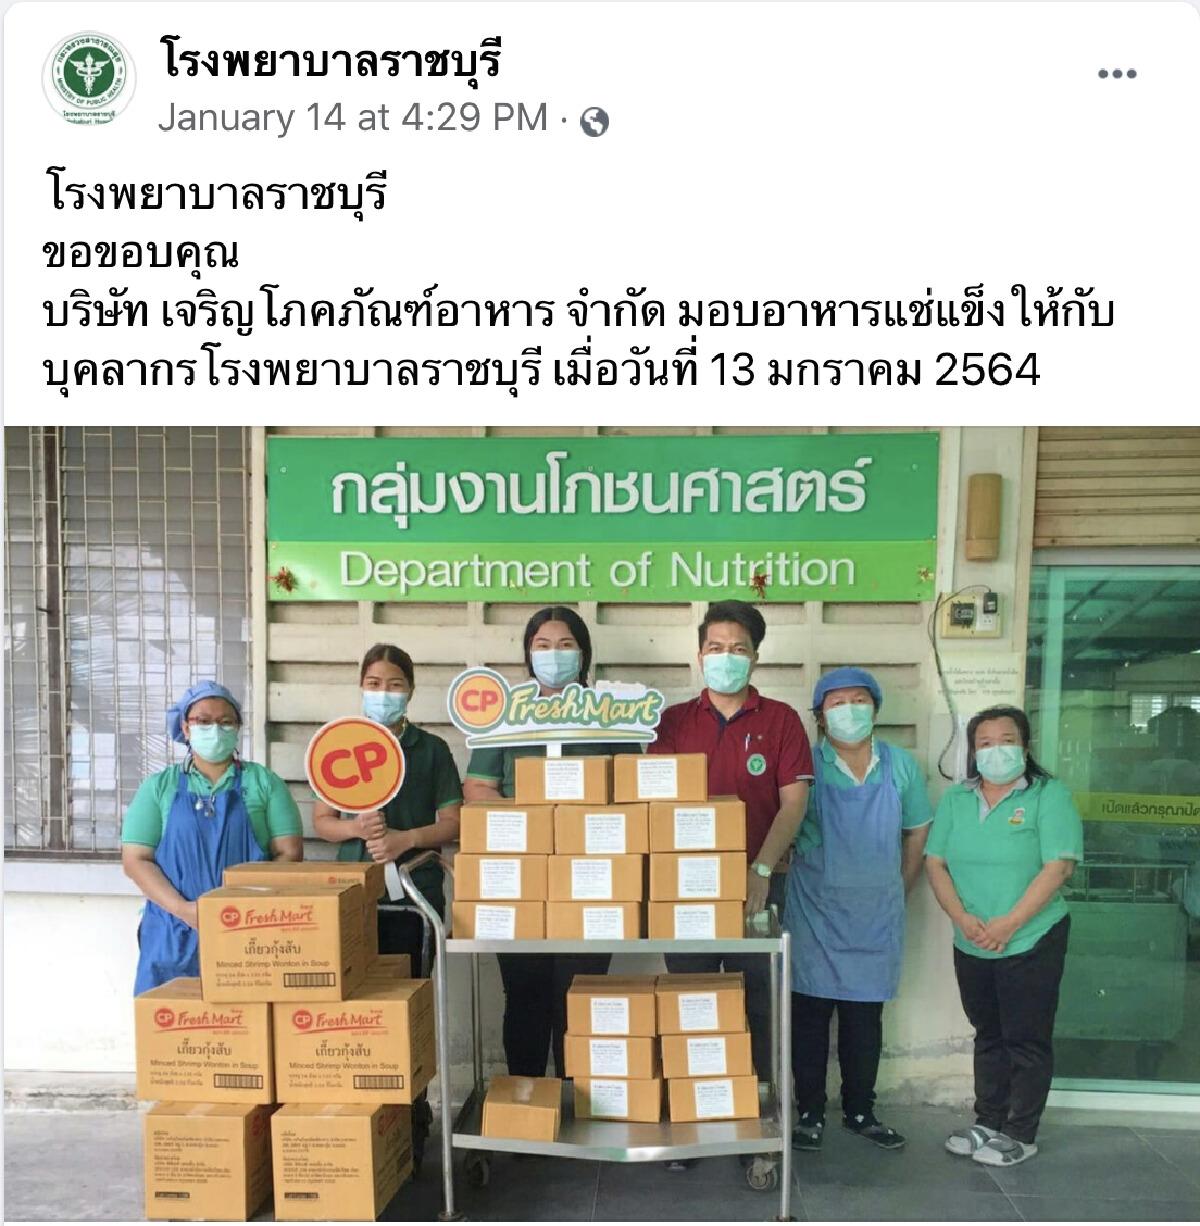 ทีมหมอ - พยาบาลขอบคุณ CPF ส่งอาหารจากใจเป็นแรงหนุนภารกิจสู้ภัยโควิด-19